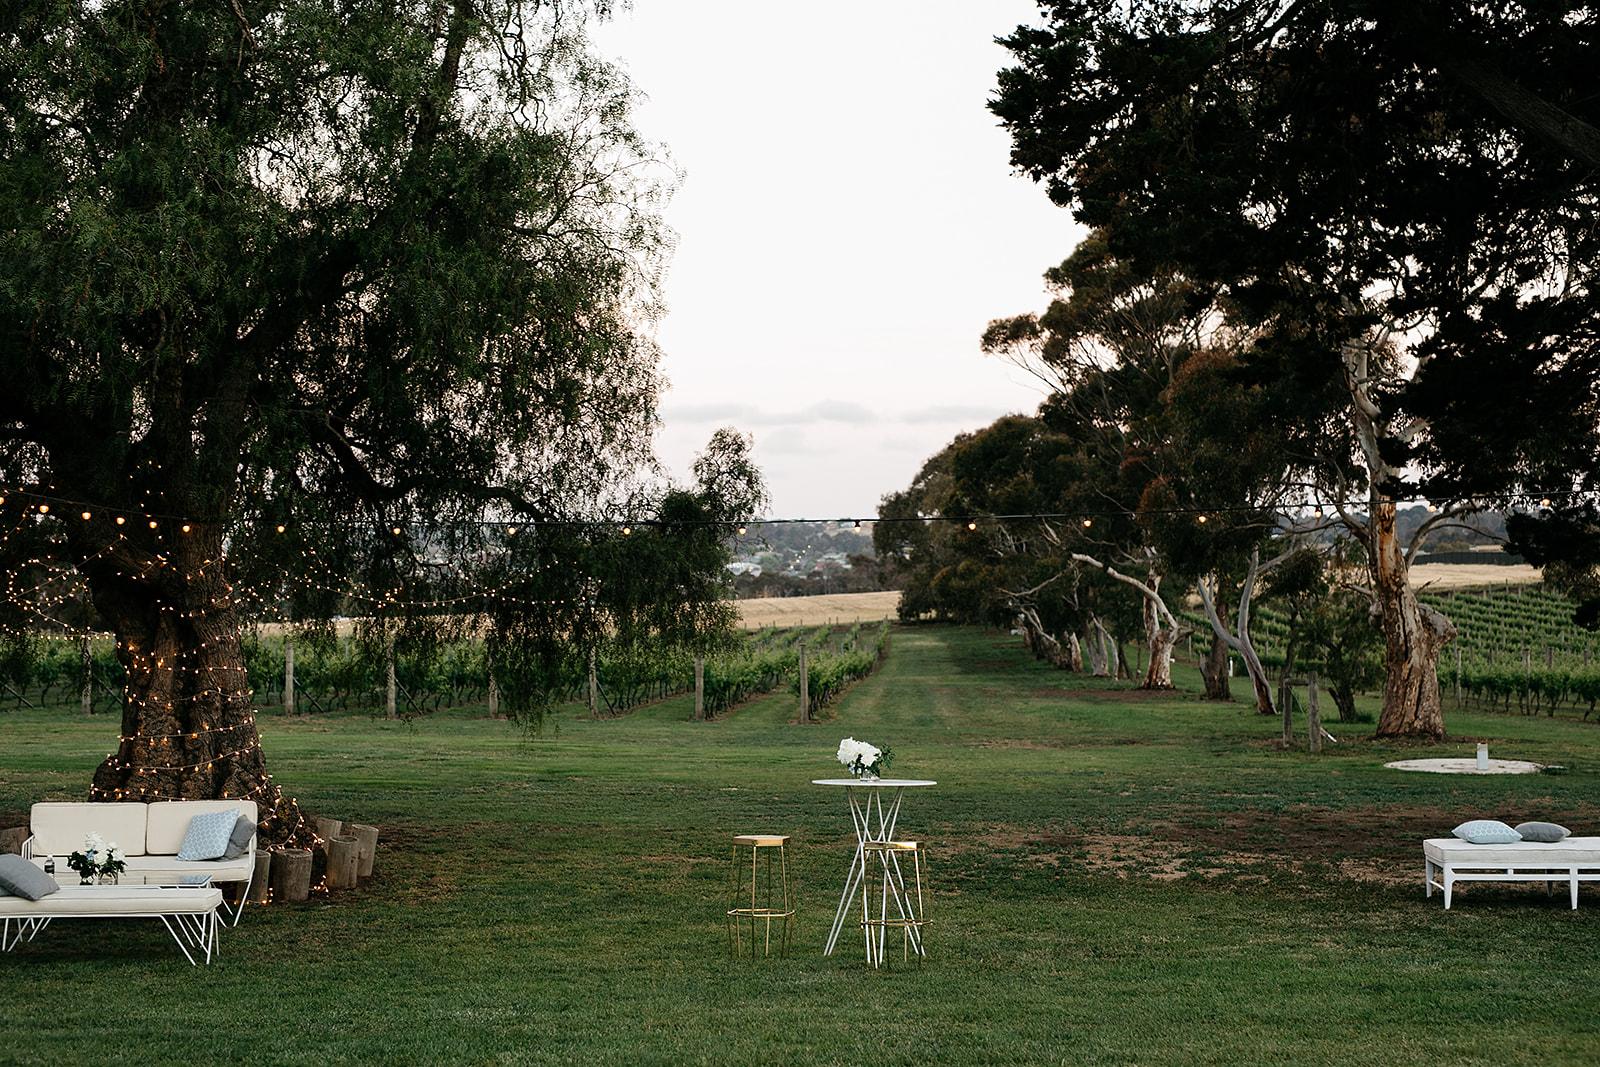 Dancing & Dessert - Melbourne based wedding planner and designer